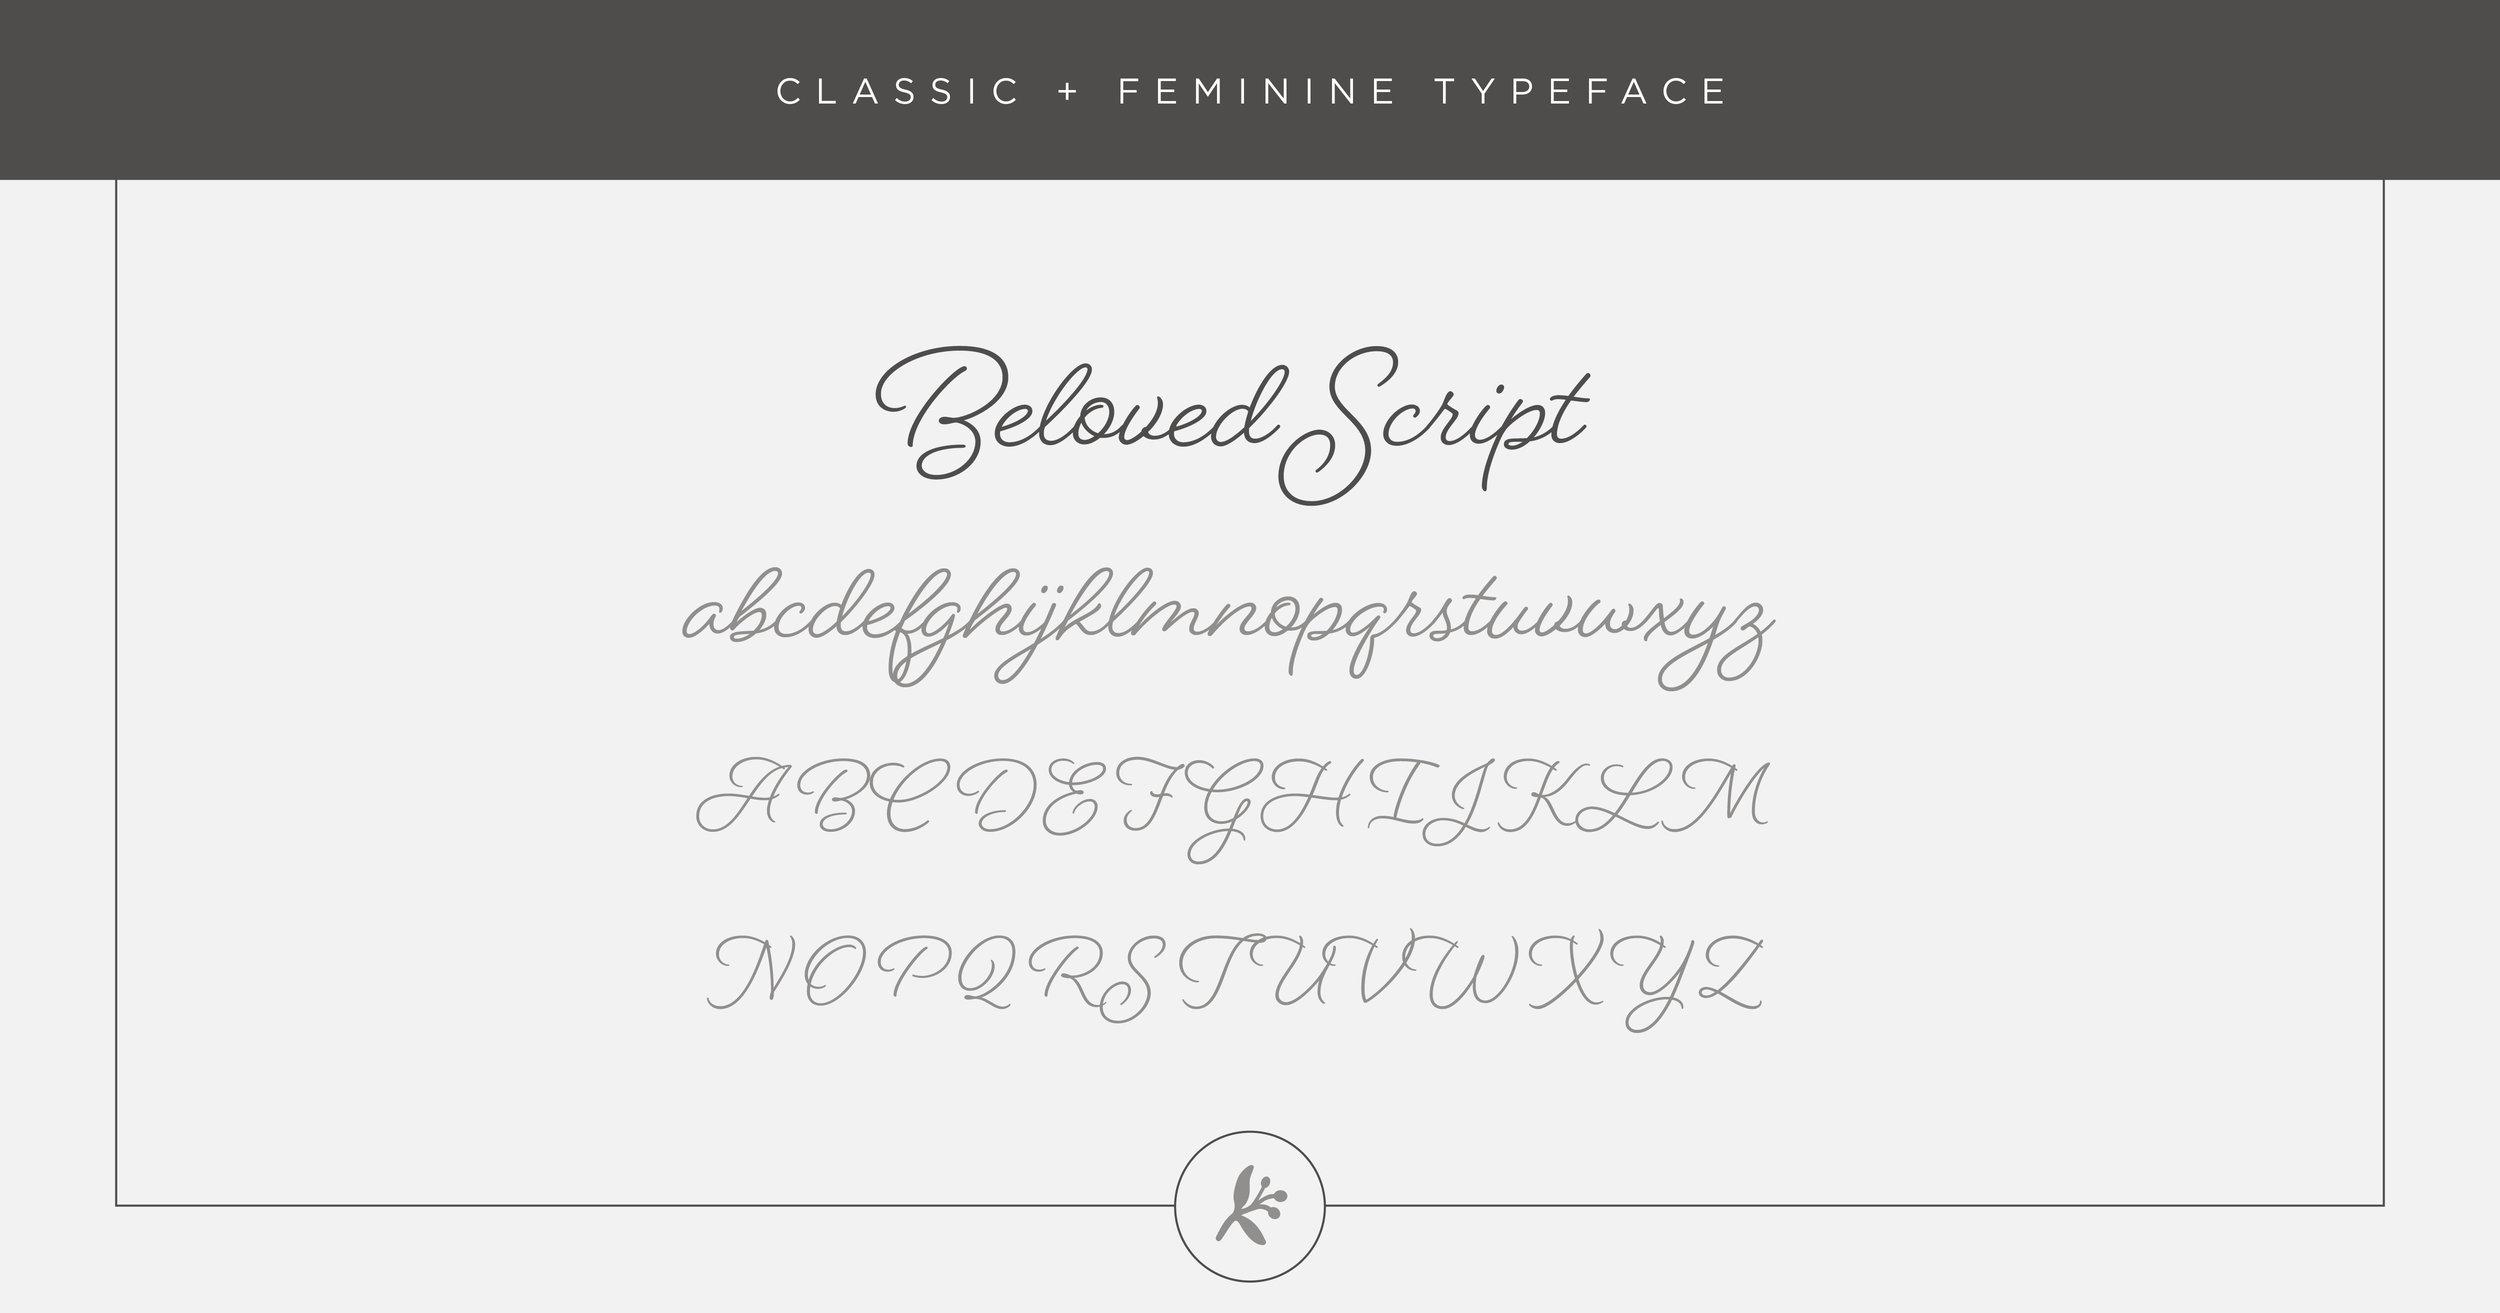 Classic Feminine Typeface